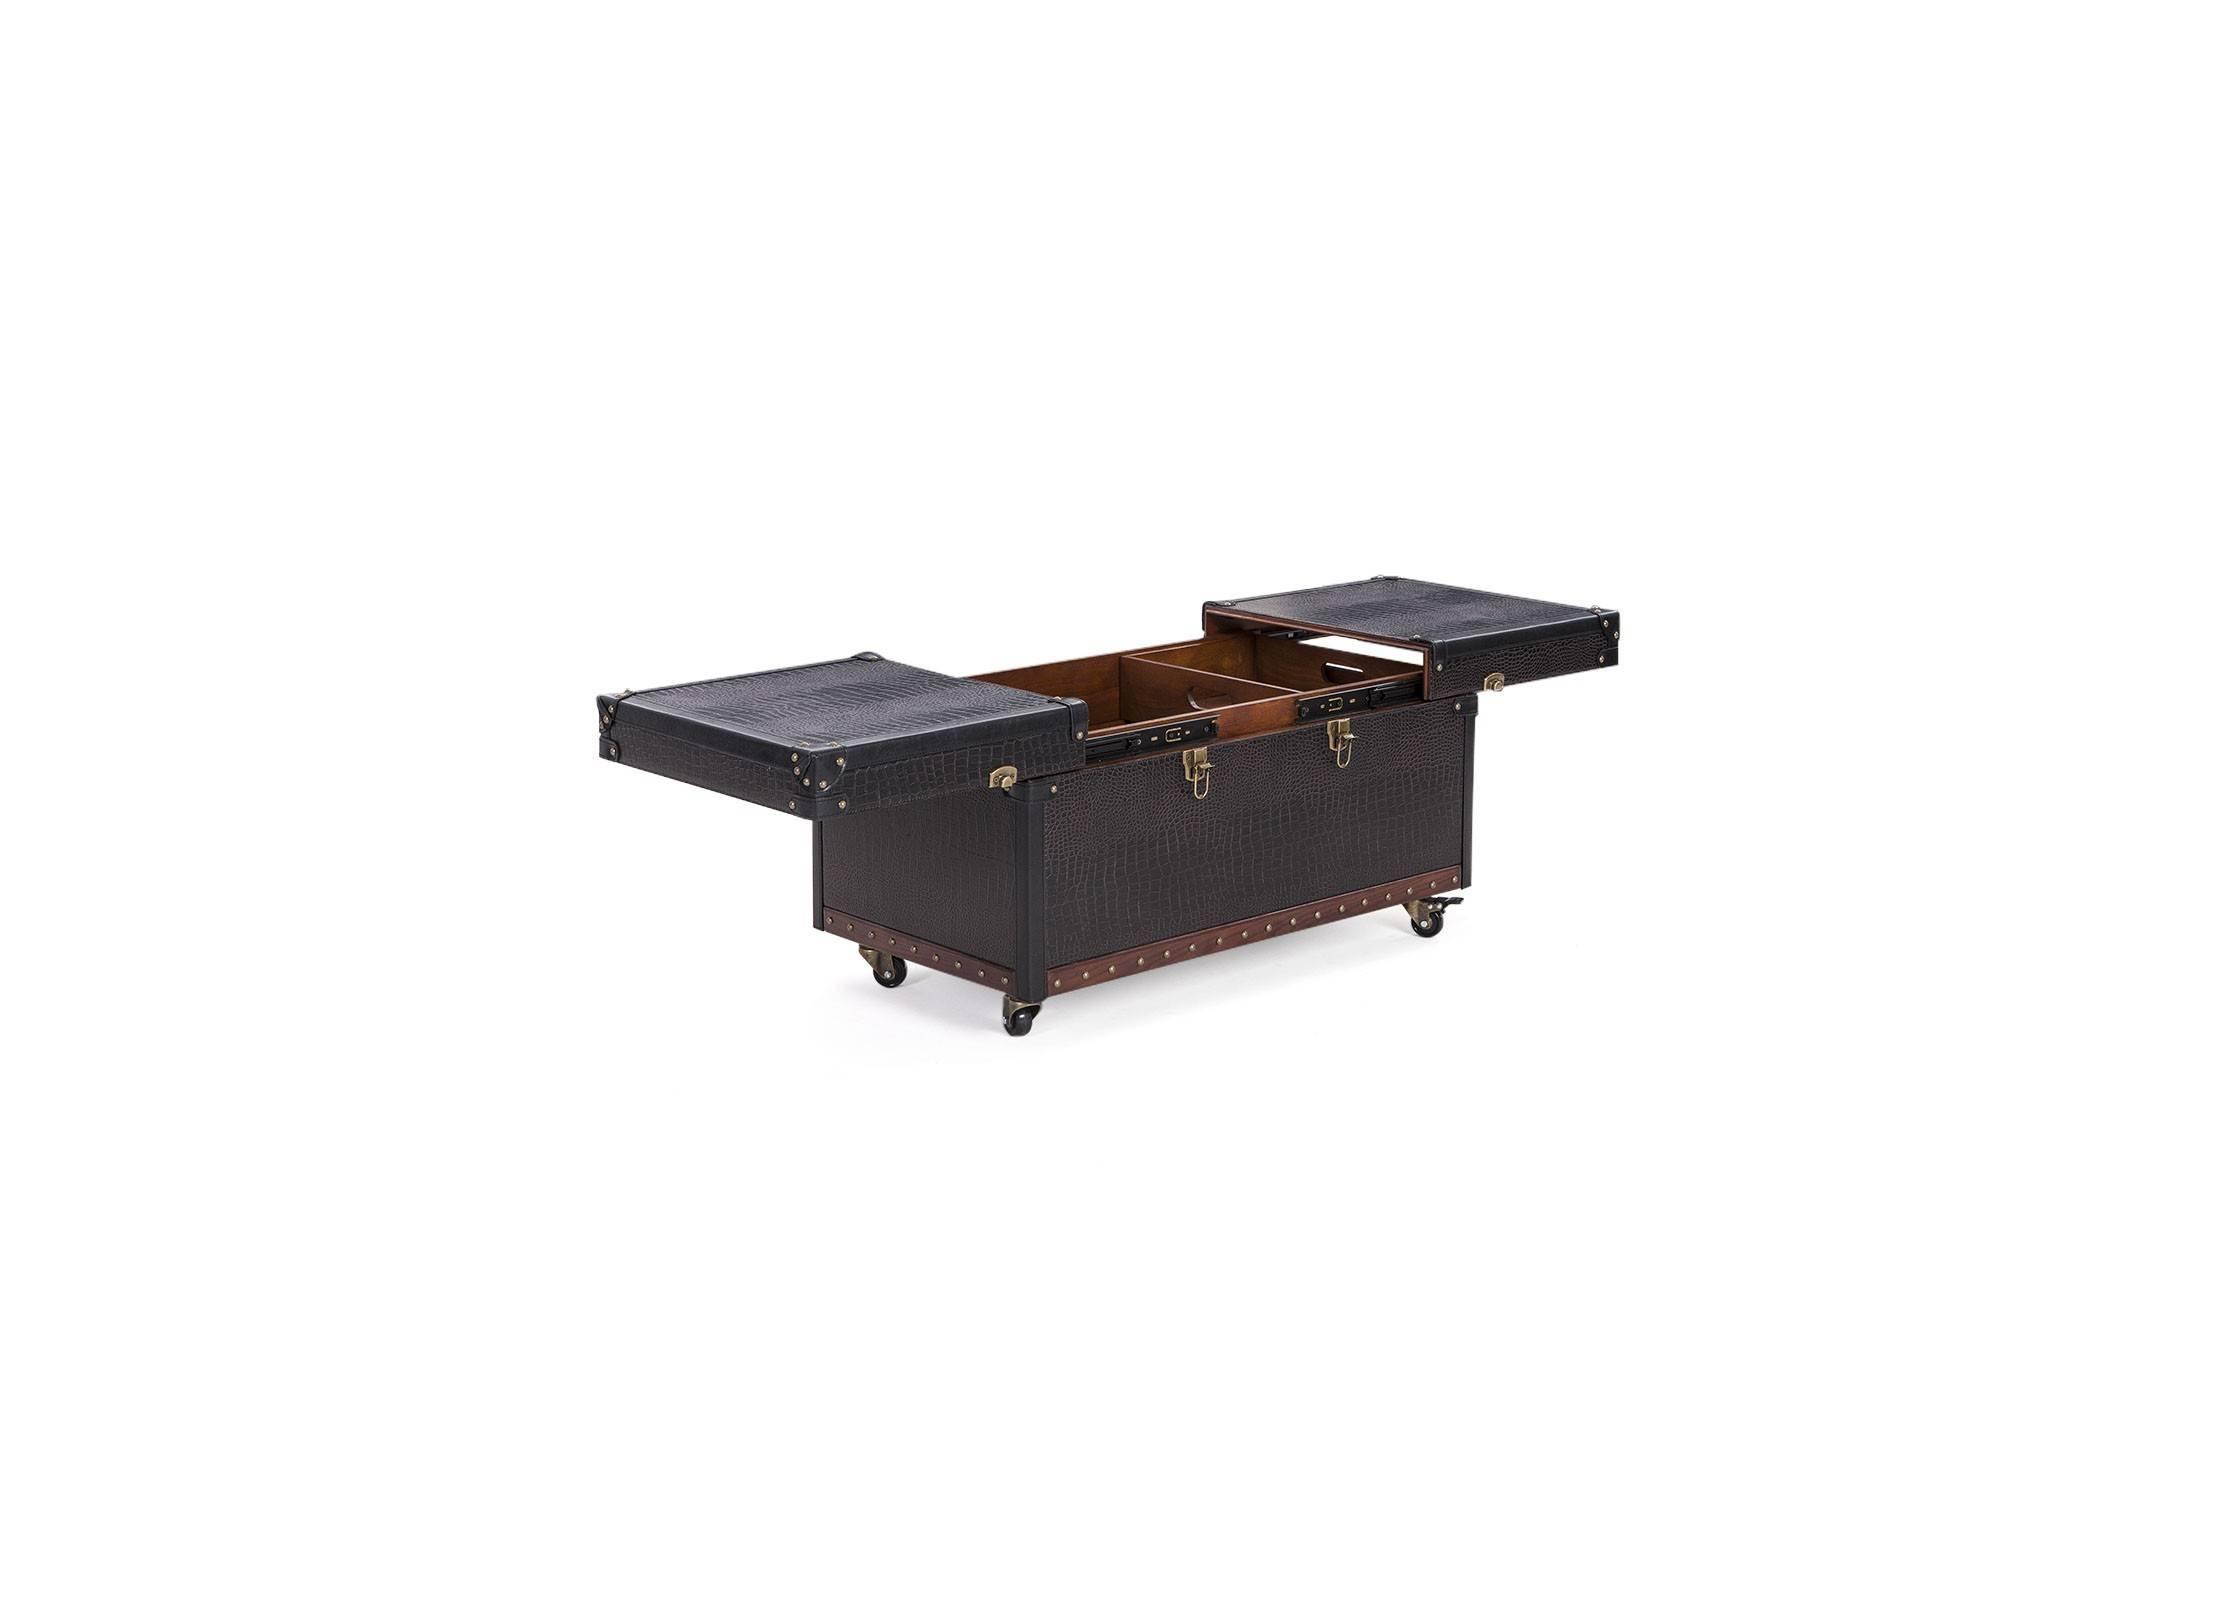 table basse avec ouverture coulissante en simili cuir croco marron fonc. Black Bedroom Furniture Sets. Home Design Ideas